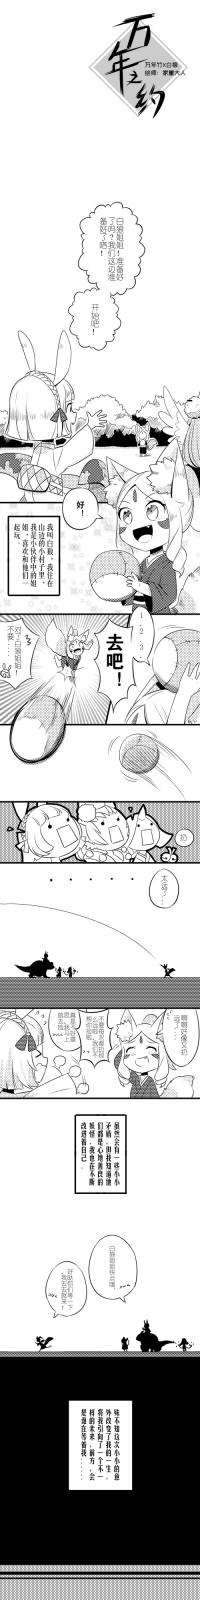 【万年之约】漫画第一章第一话,cp竹狼,缓慢更新